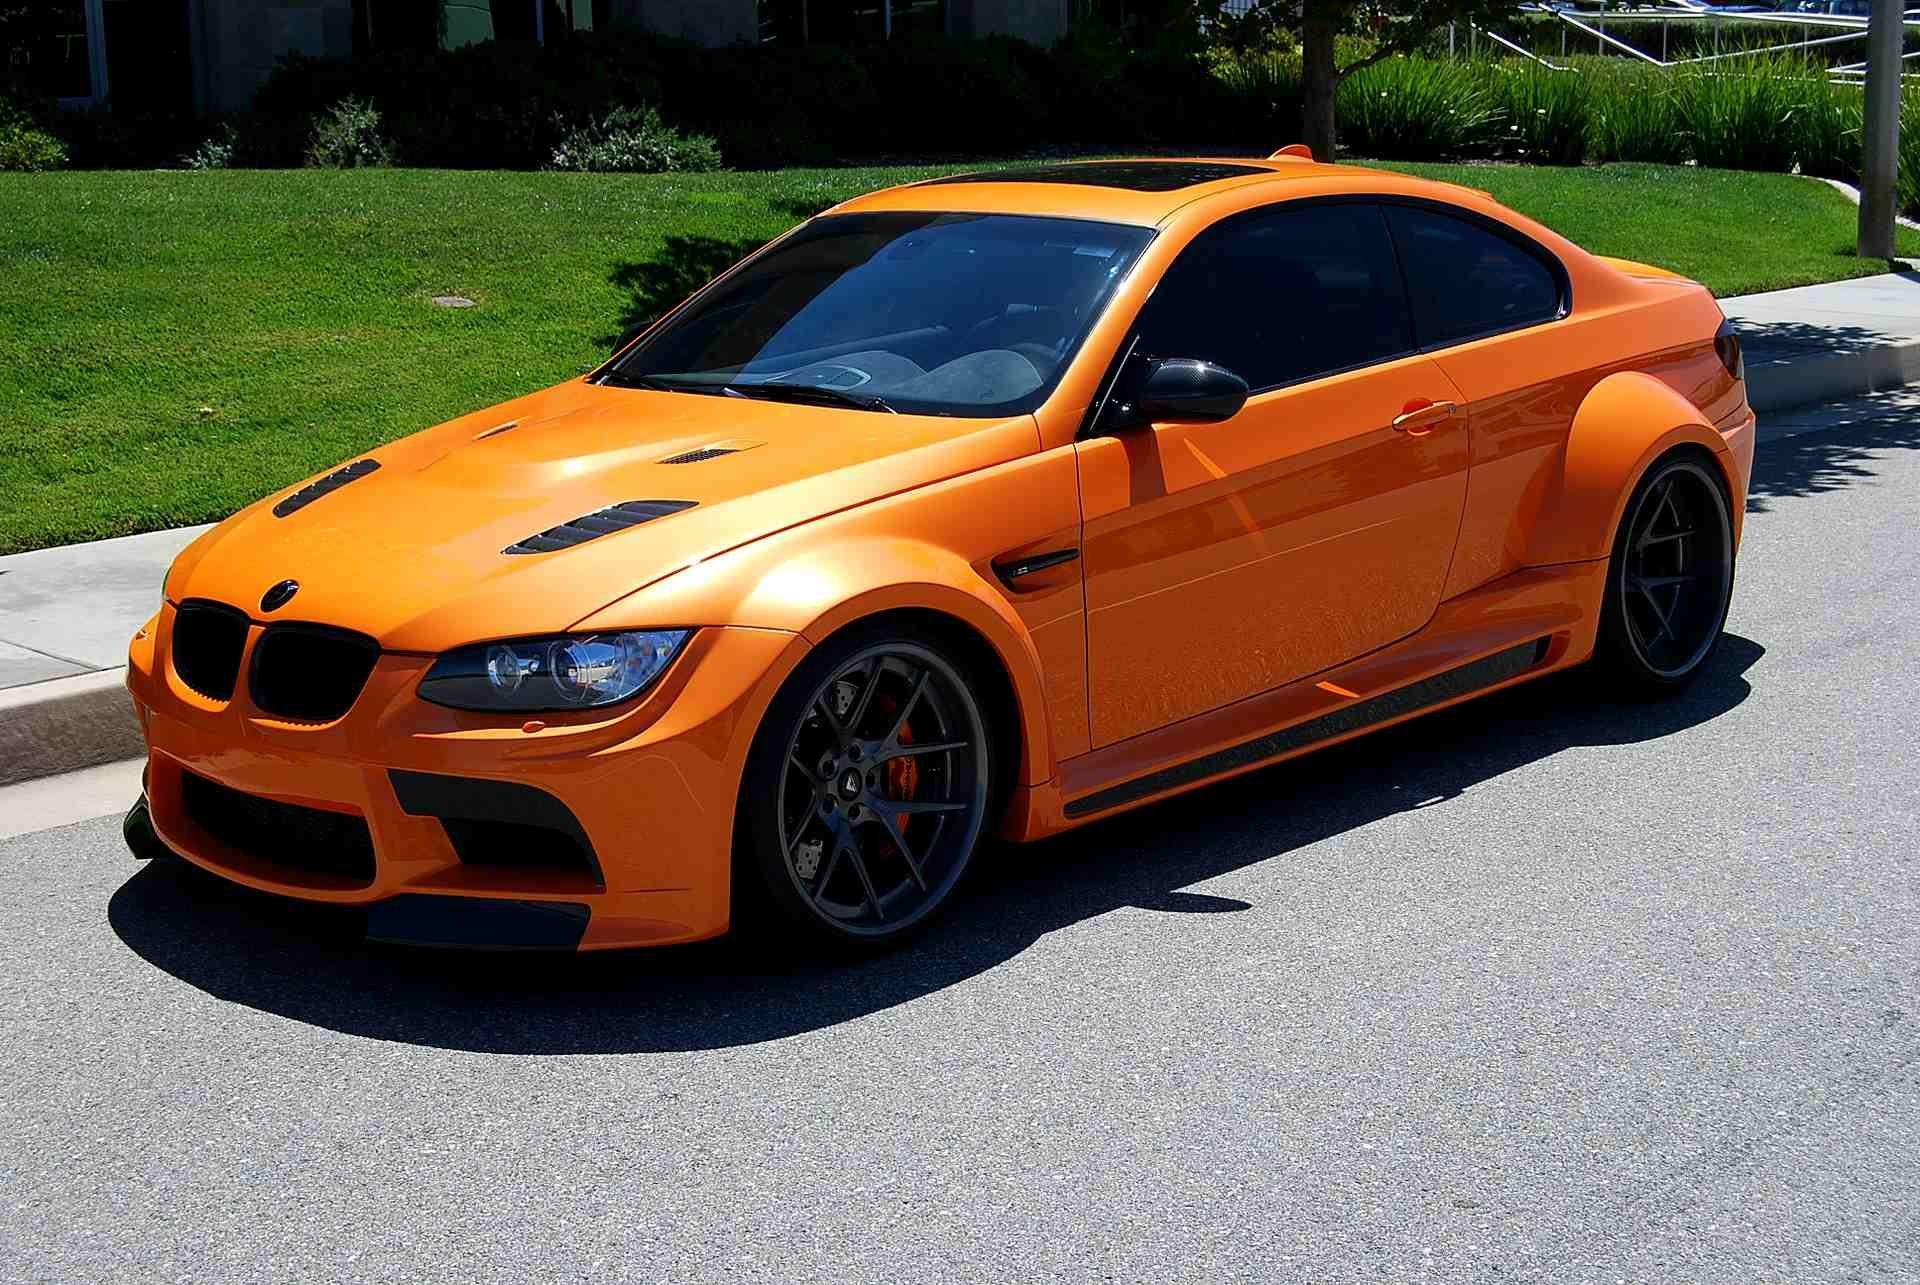 E92 2008 Bmw M3 Vorsteiner Gtrs3 Widebody Orange Black With